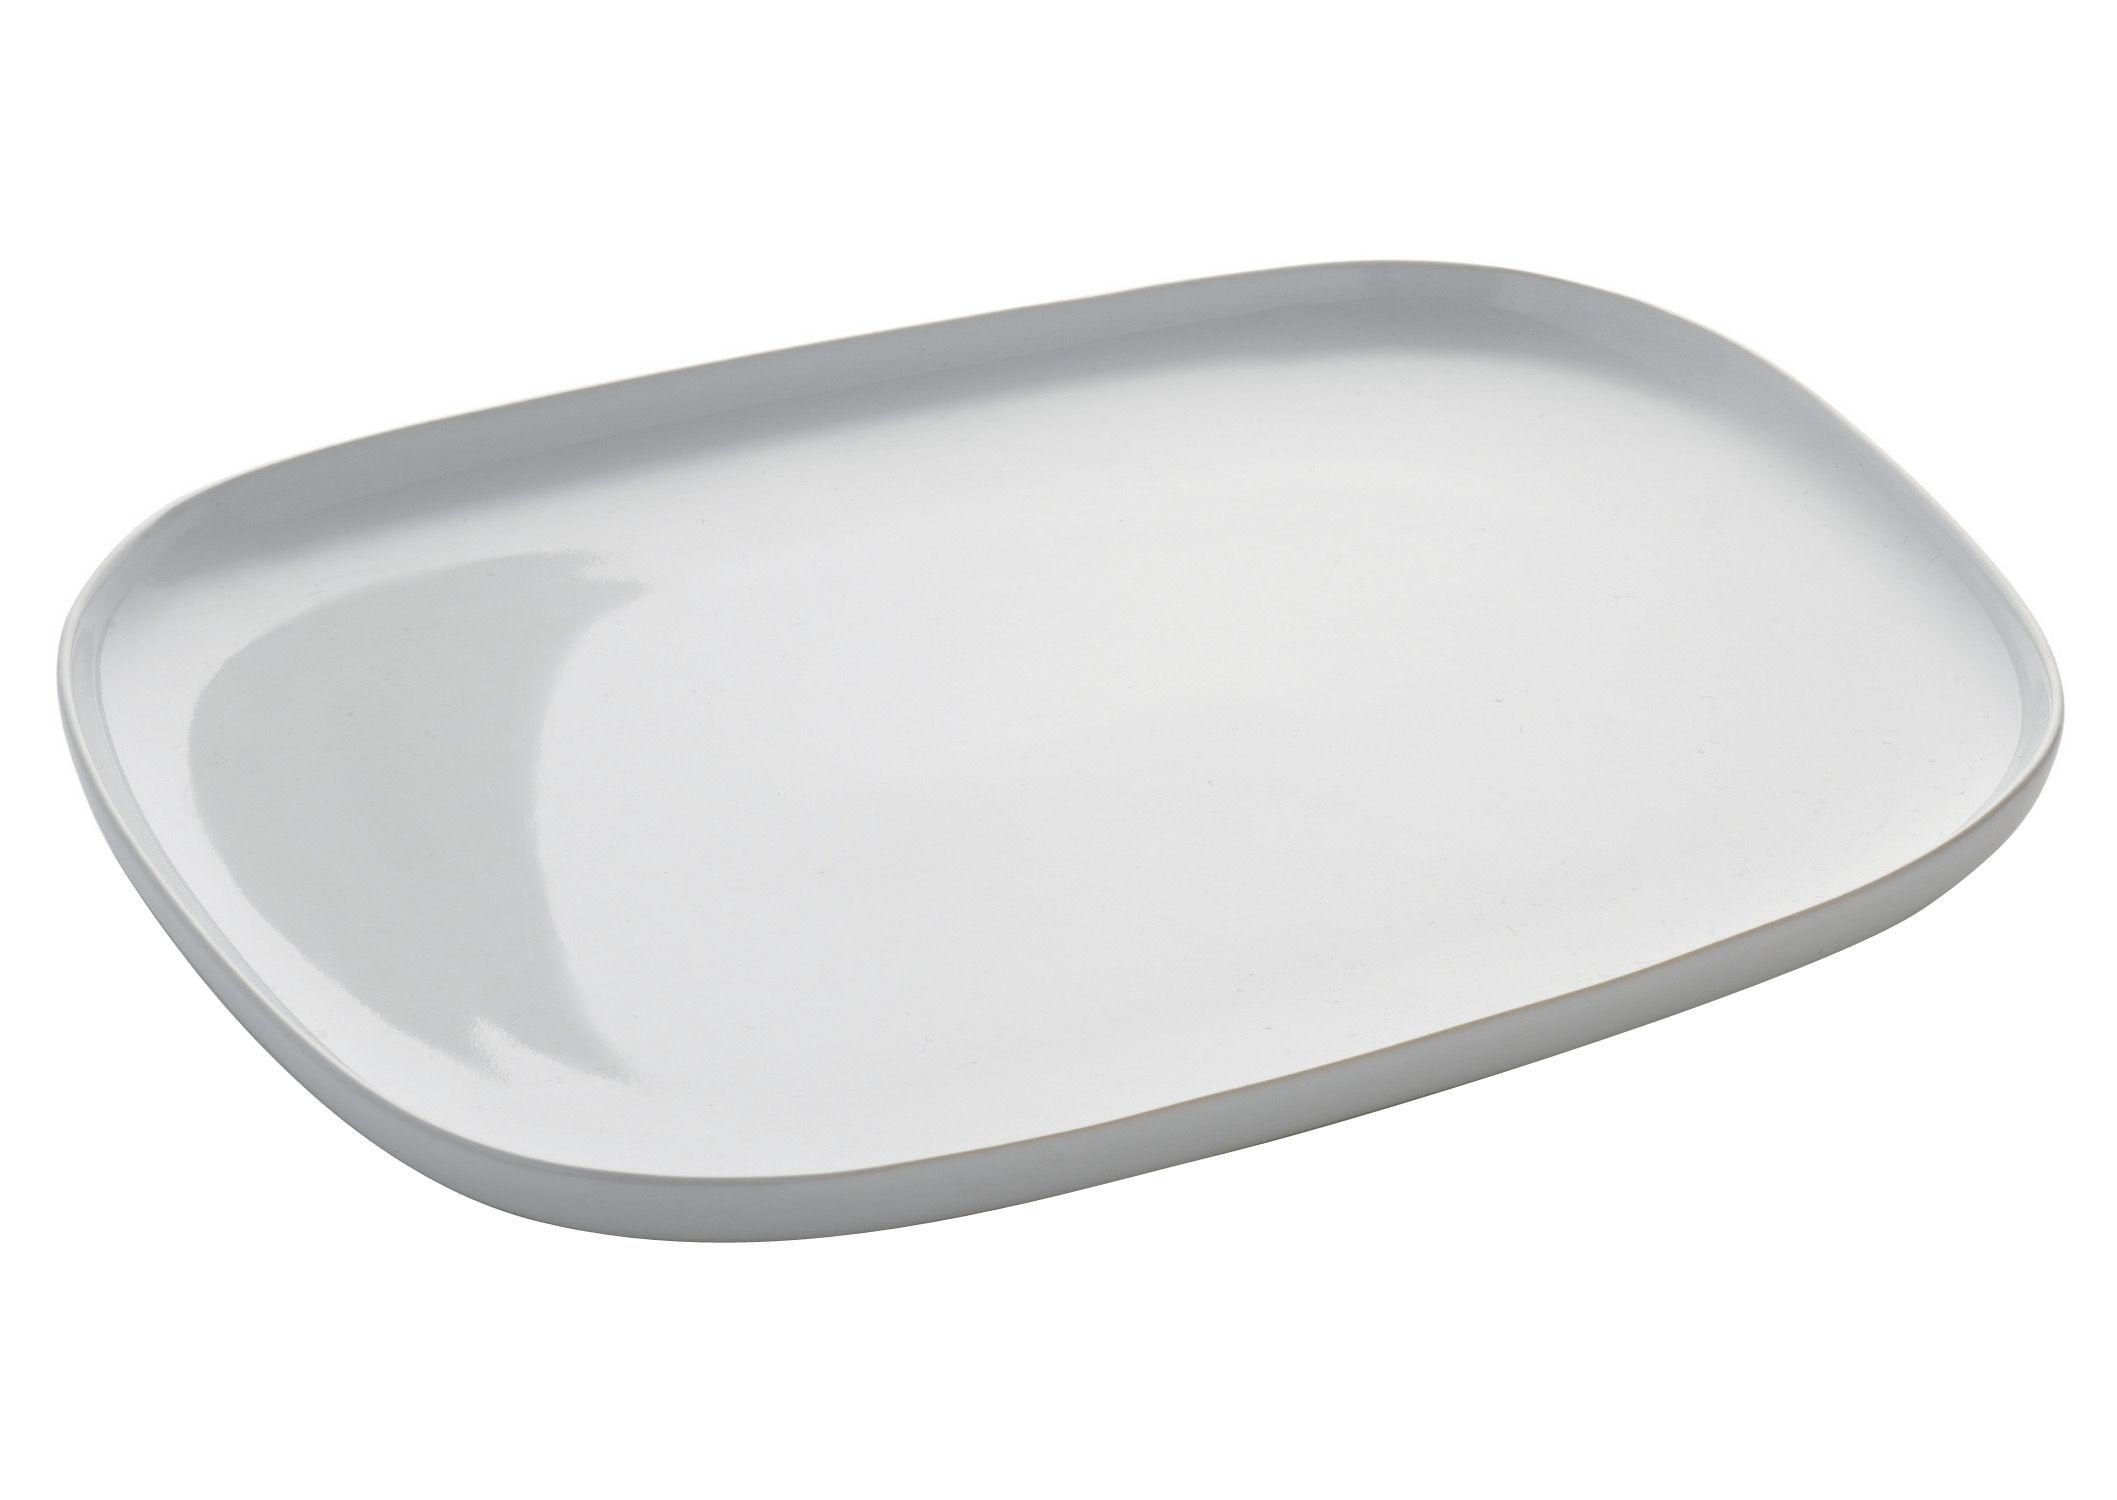 Tavola - Piatti  - Piatto Ovale di Alessi - Bianco - Ceramica stoneware